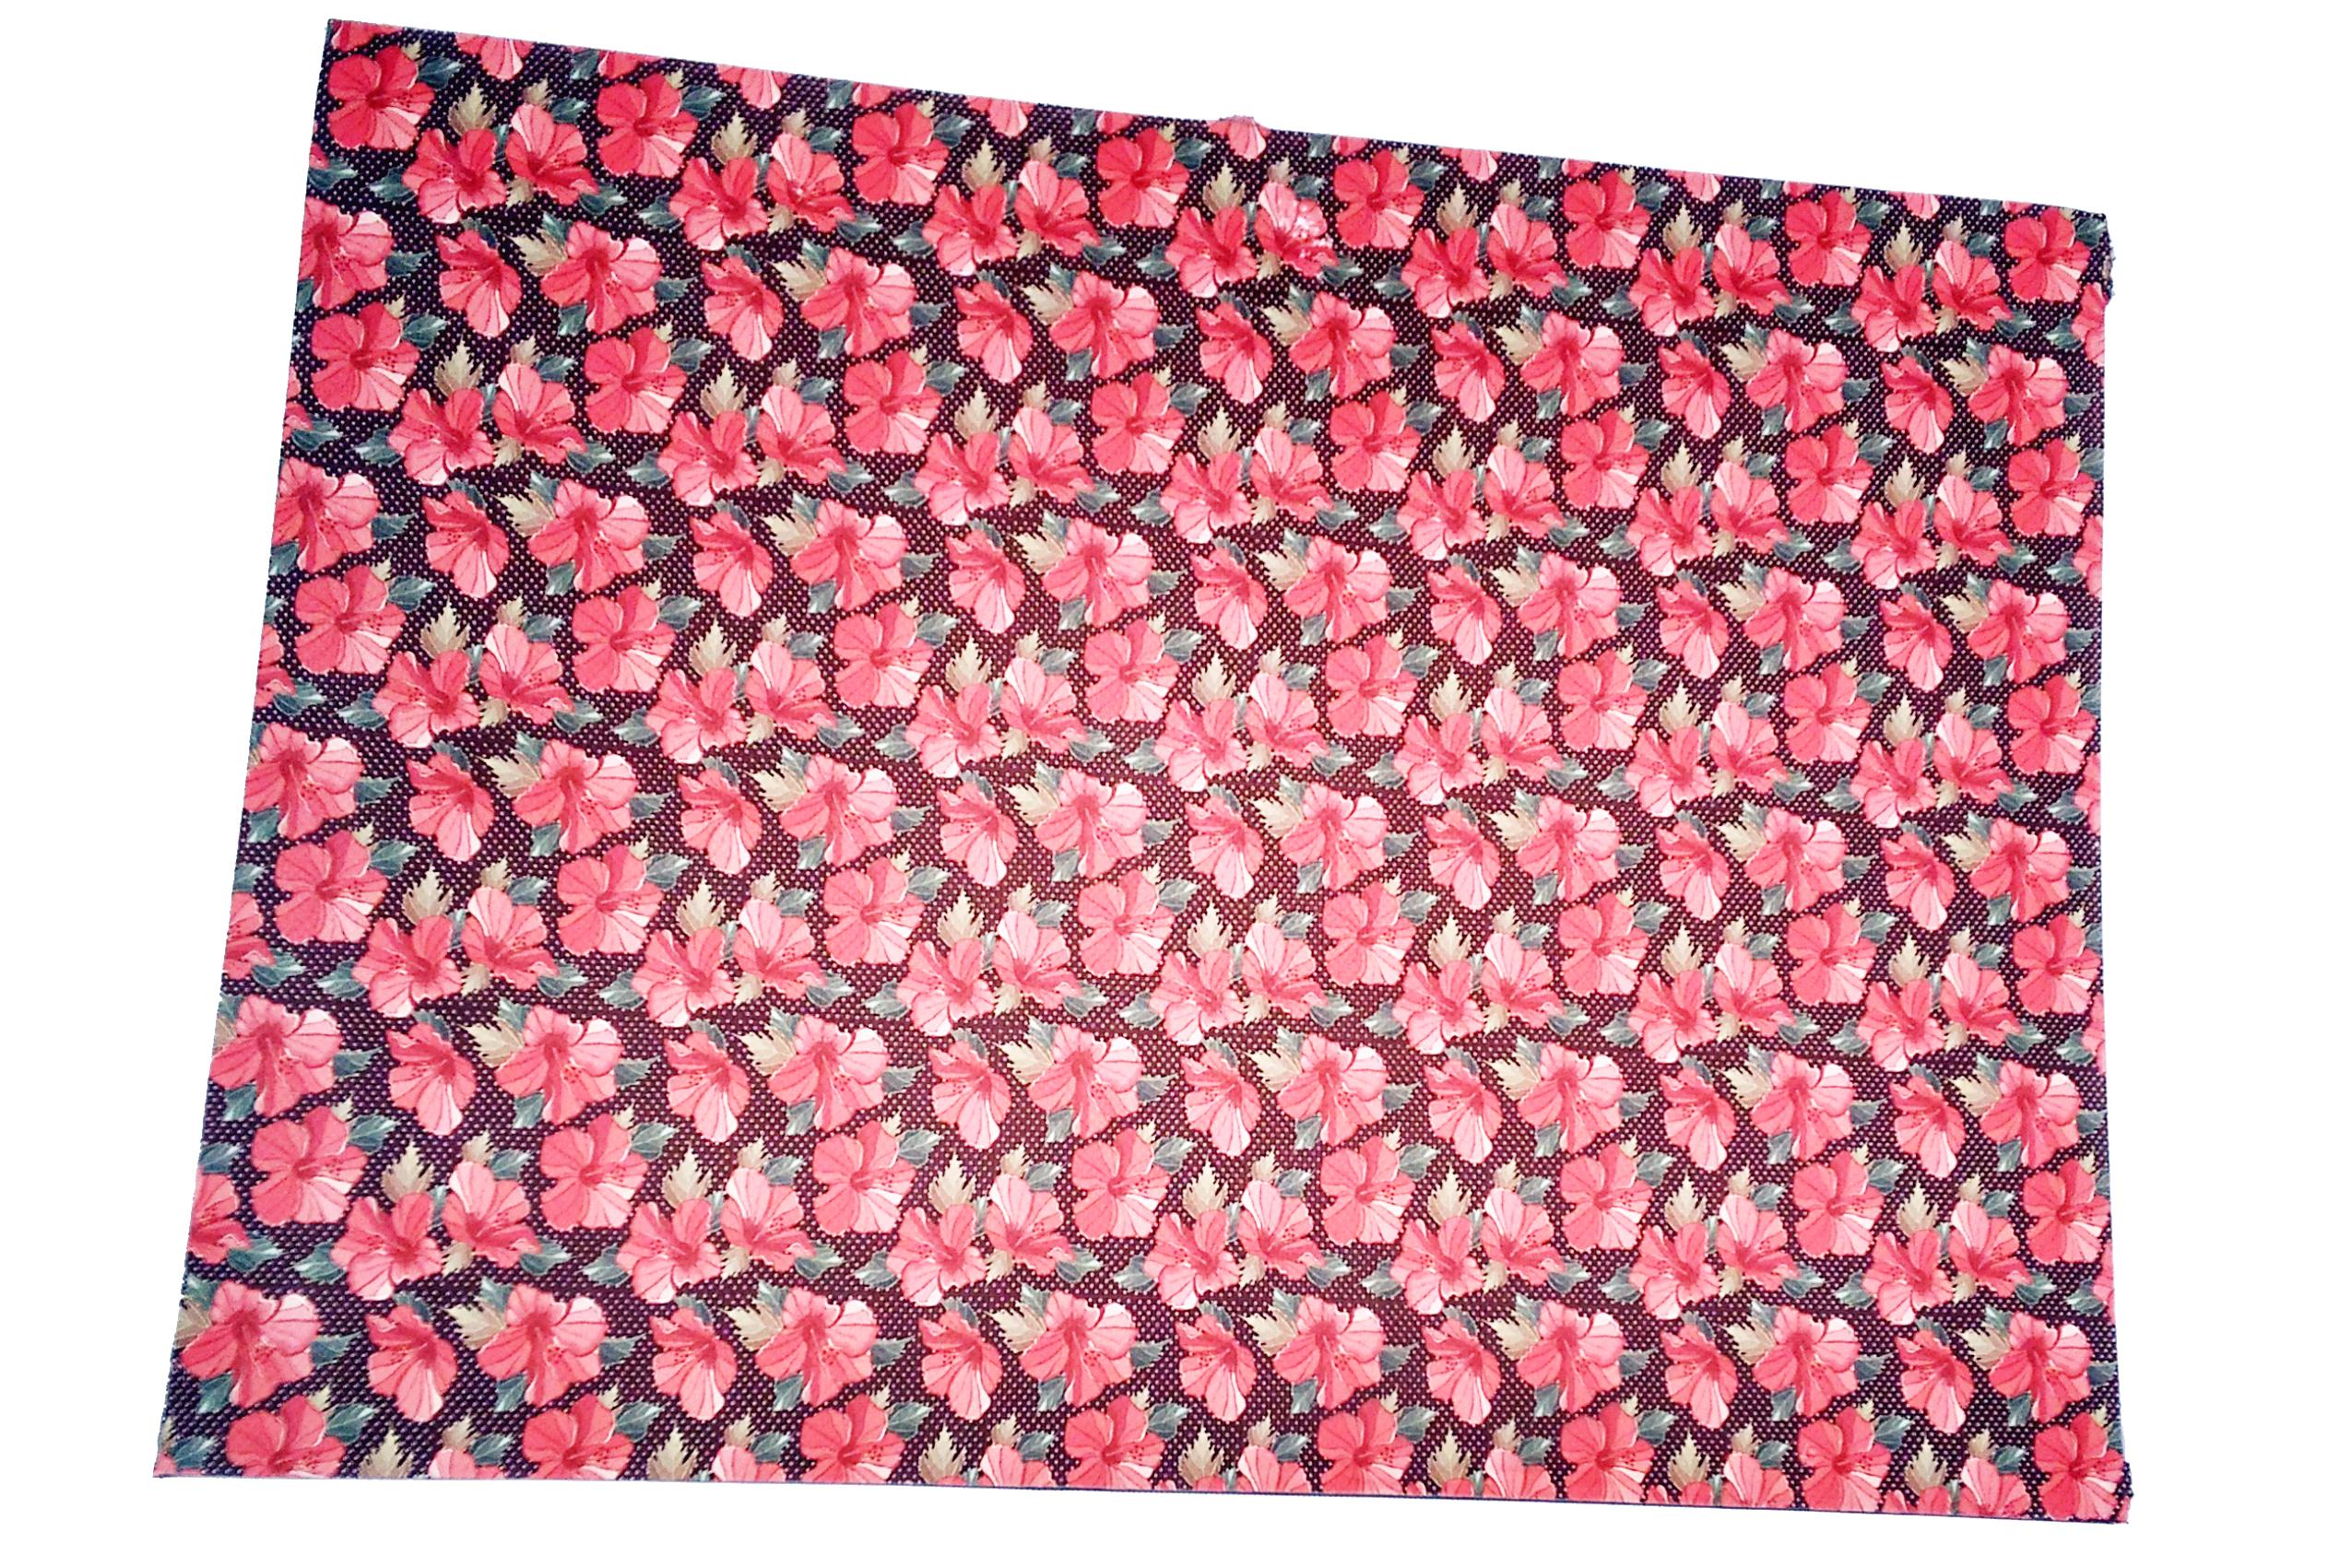 Meia Placa Estampada Floral com Poá